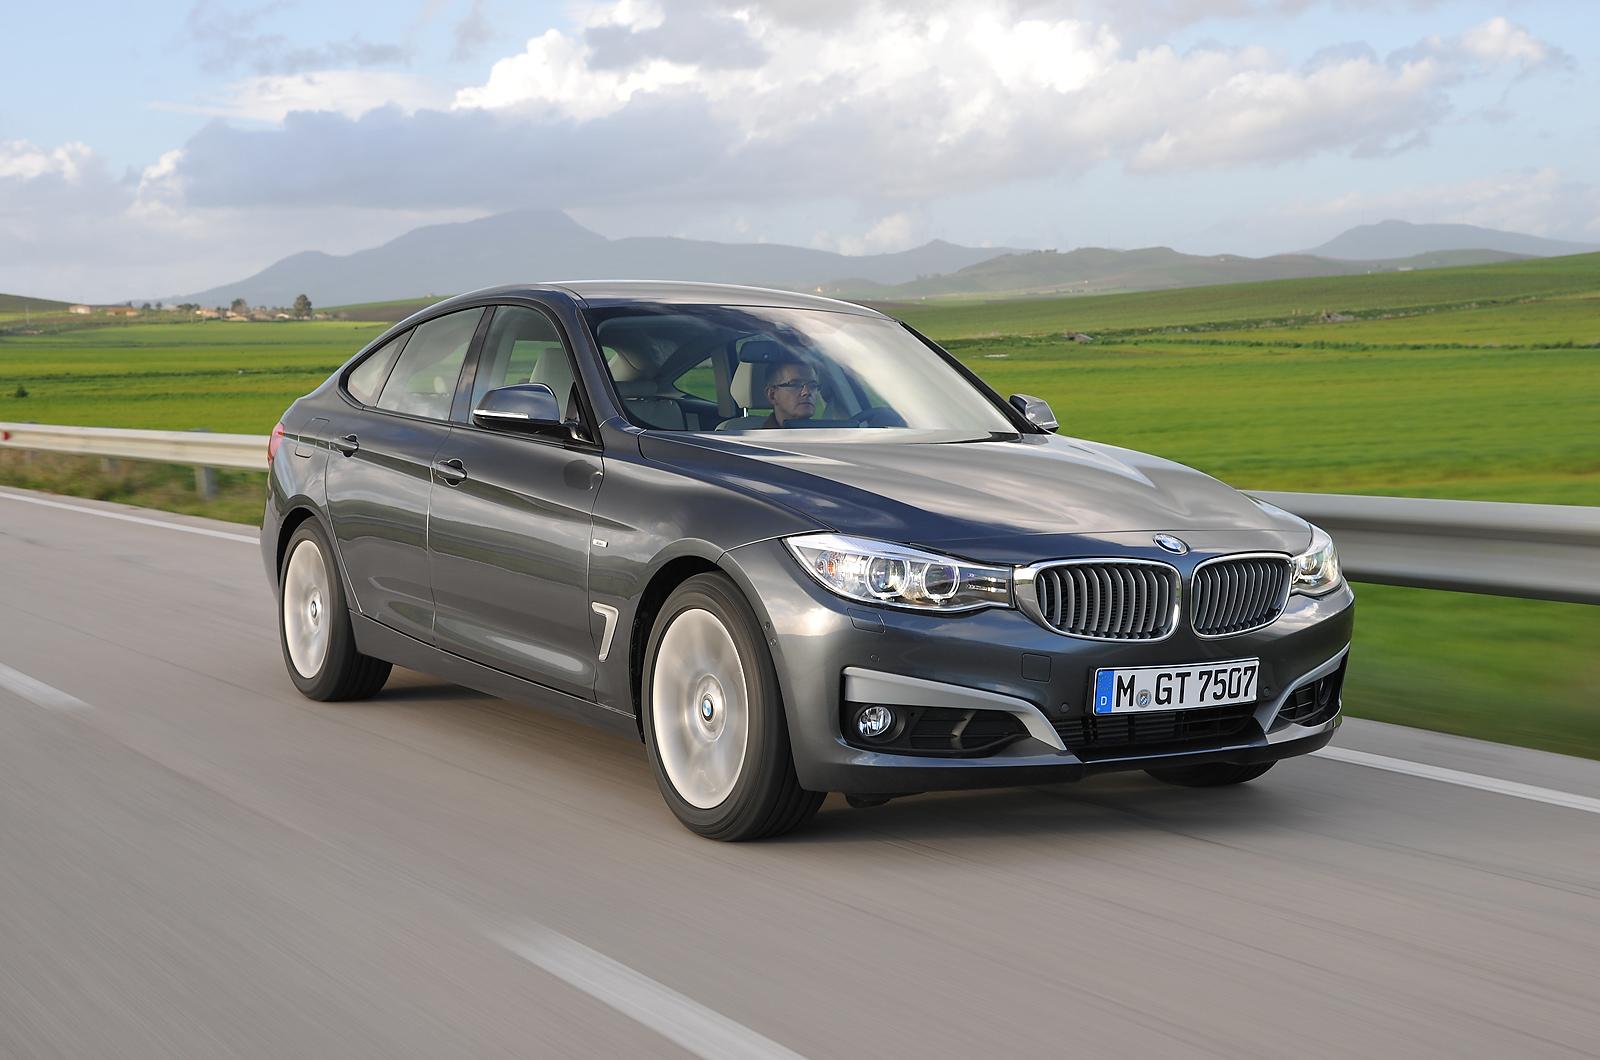 2013 - [BMW] Série 3 GT [F34] - Page 22 Bmw-3gt-1asdwd